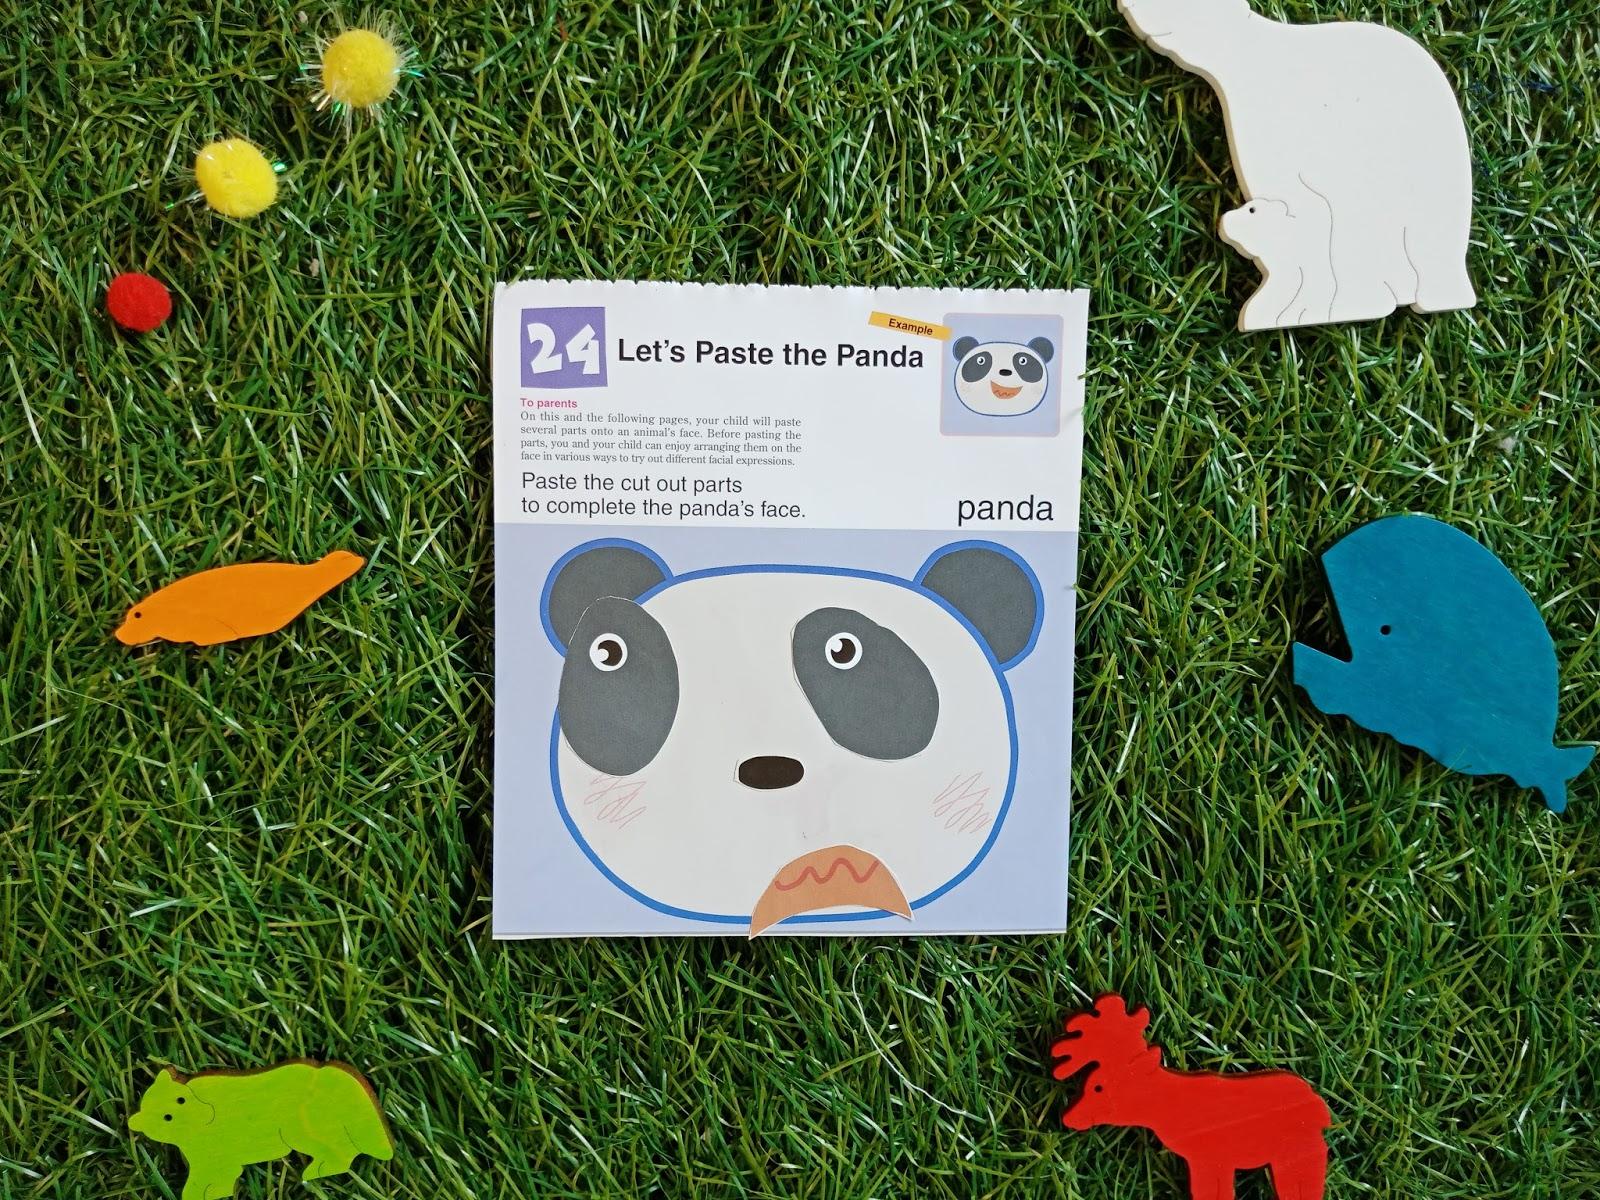 Kreatifitas anak dan kemampuan pemosisian bentuk akan ditingkatkan sesuai urutan worksheet Selain itu melalui belajar menempelkan stiker atau bagian